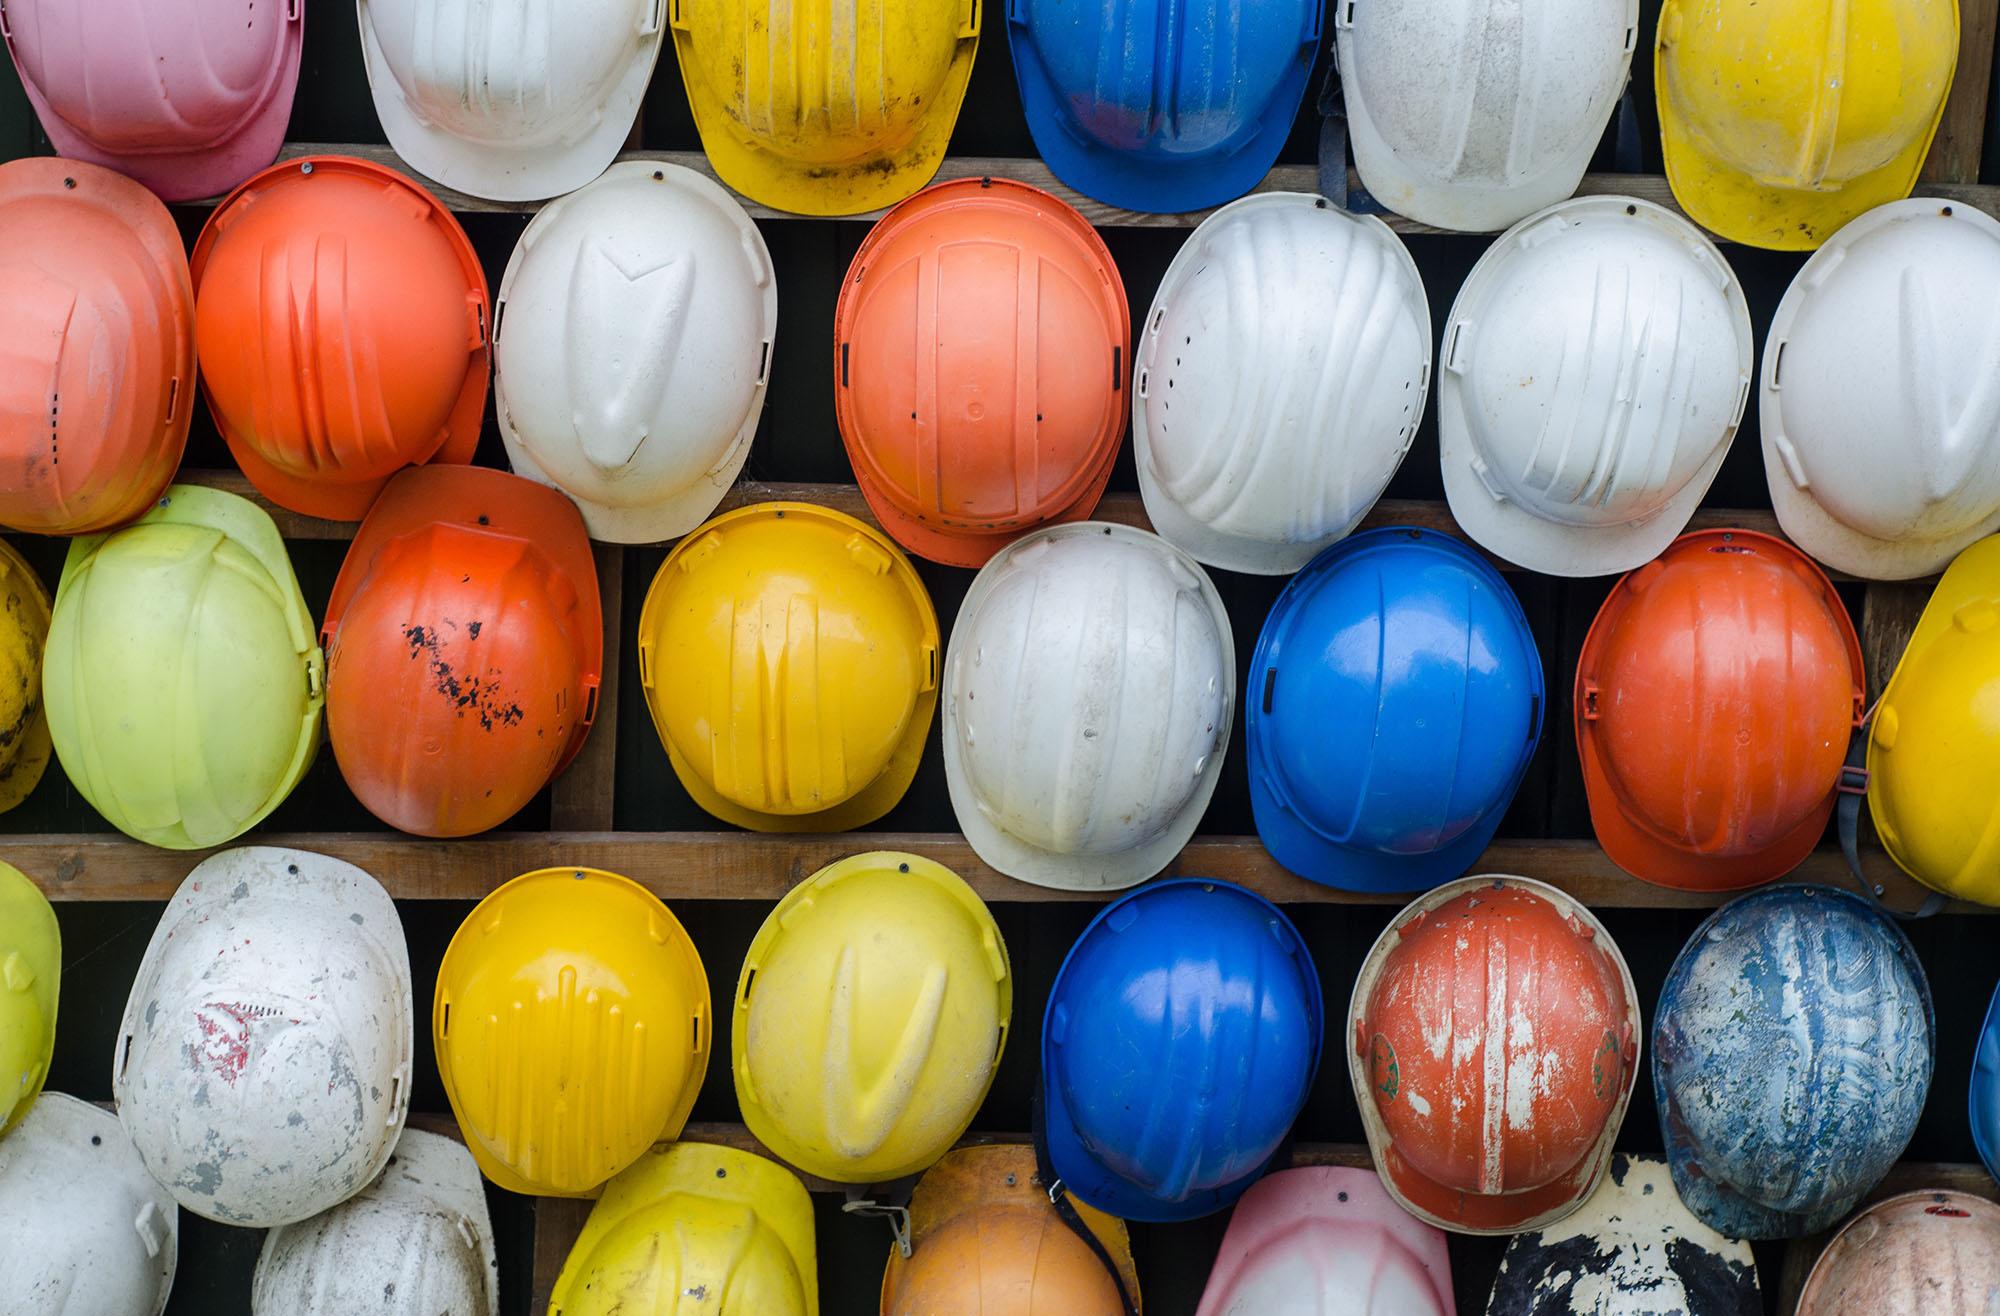 Työt loppuivat – mitä työsuhteille tapahtuu?